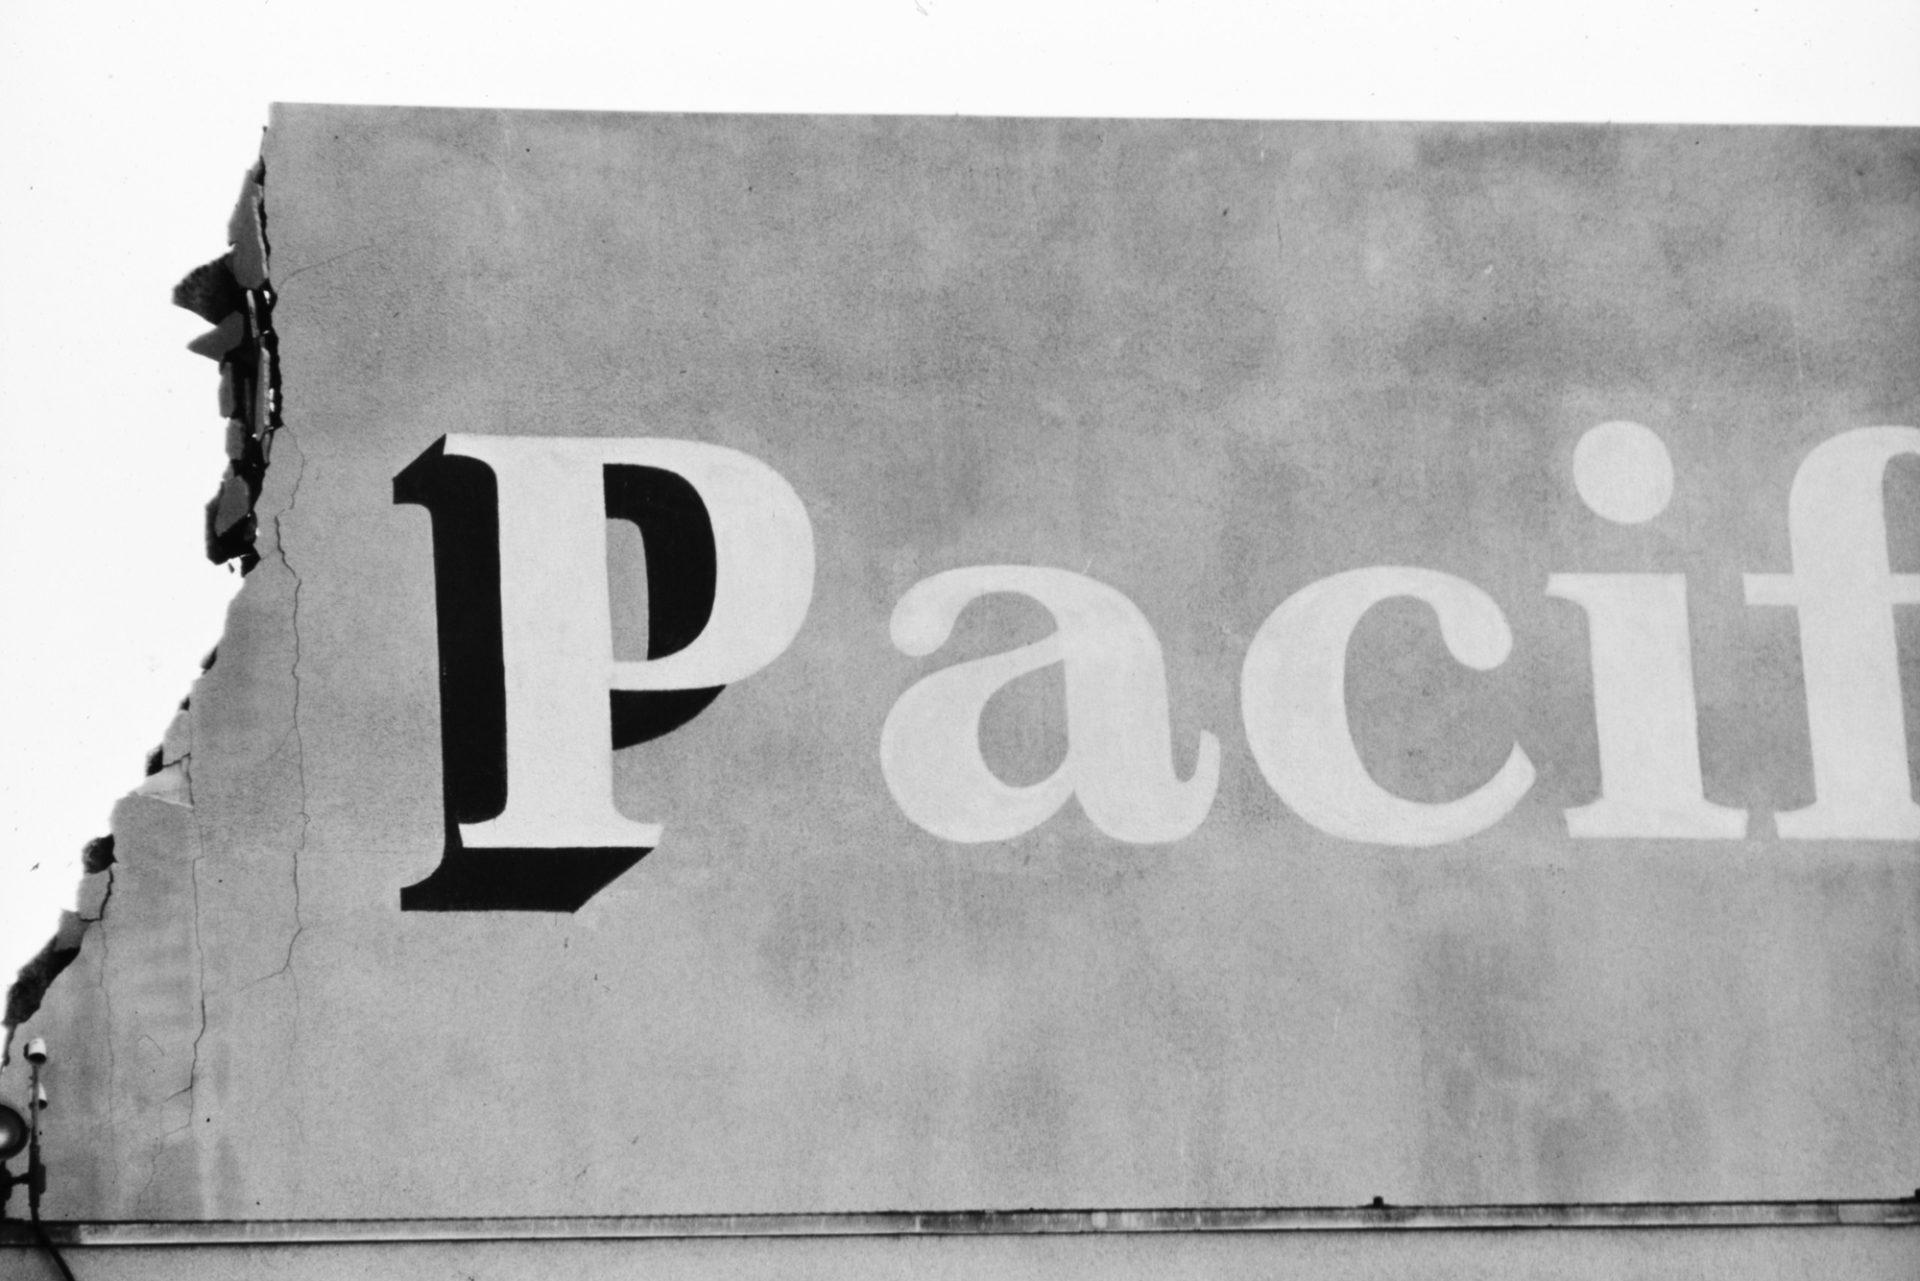 Pacific Ocean Park signage